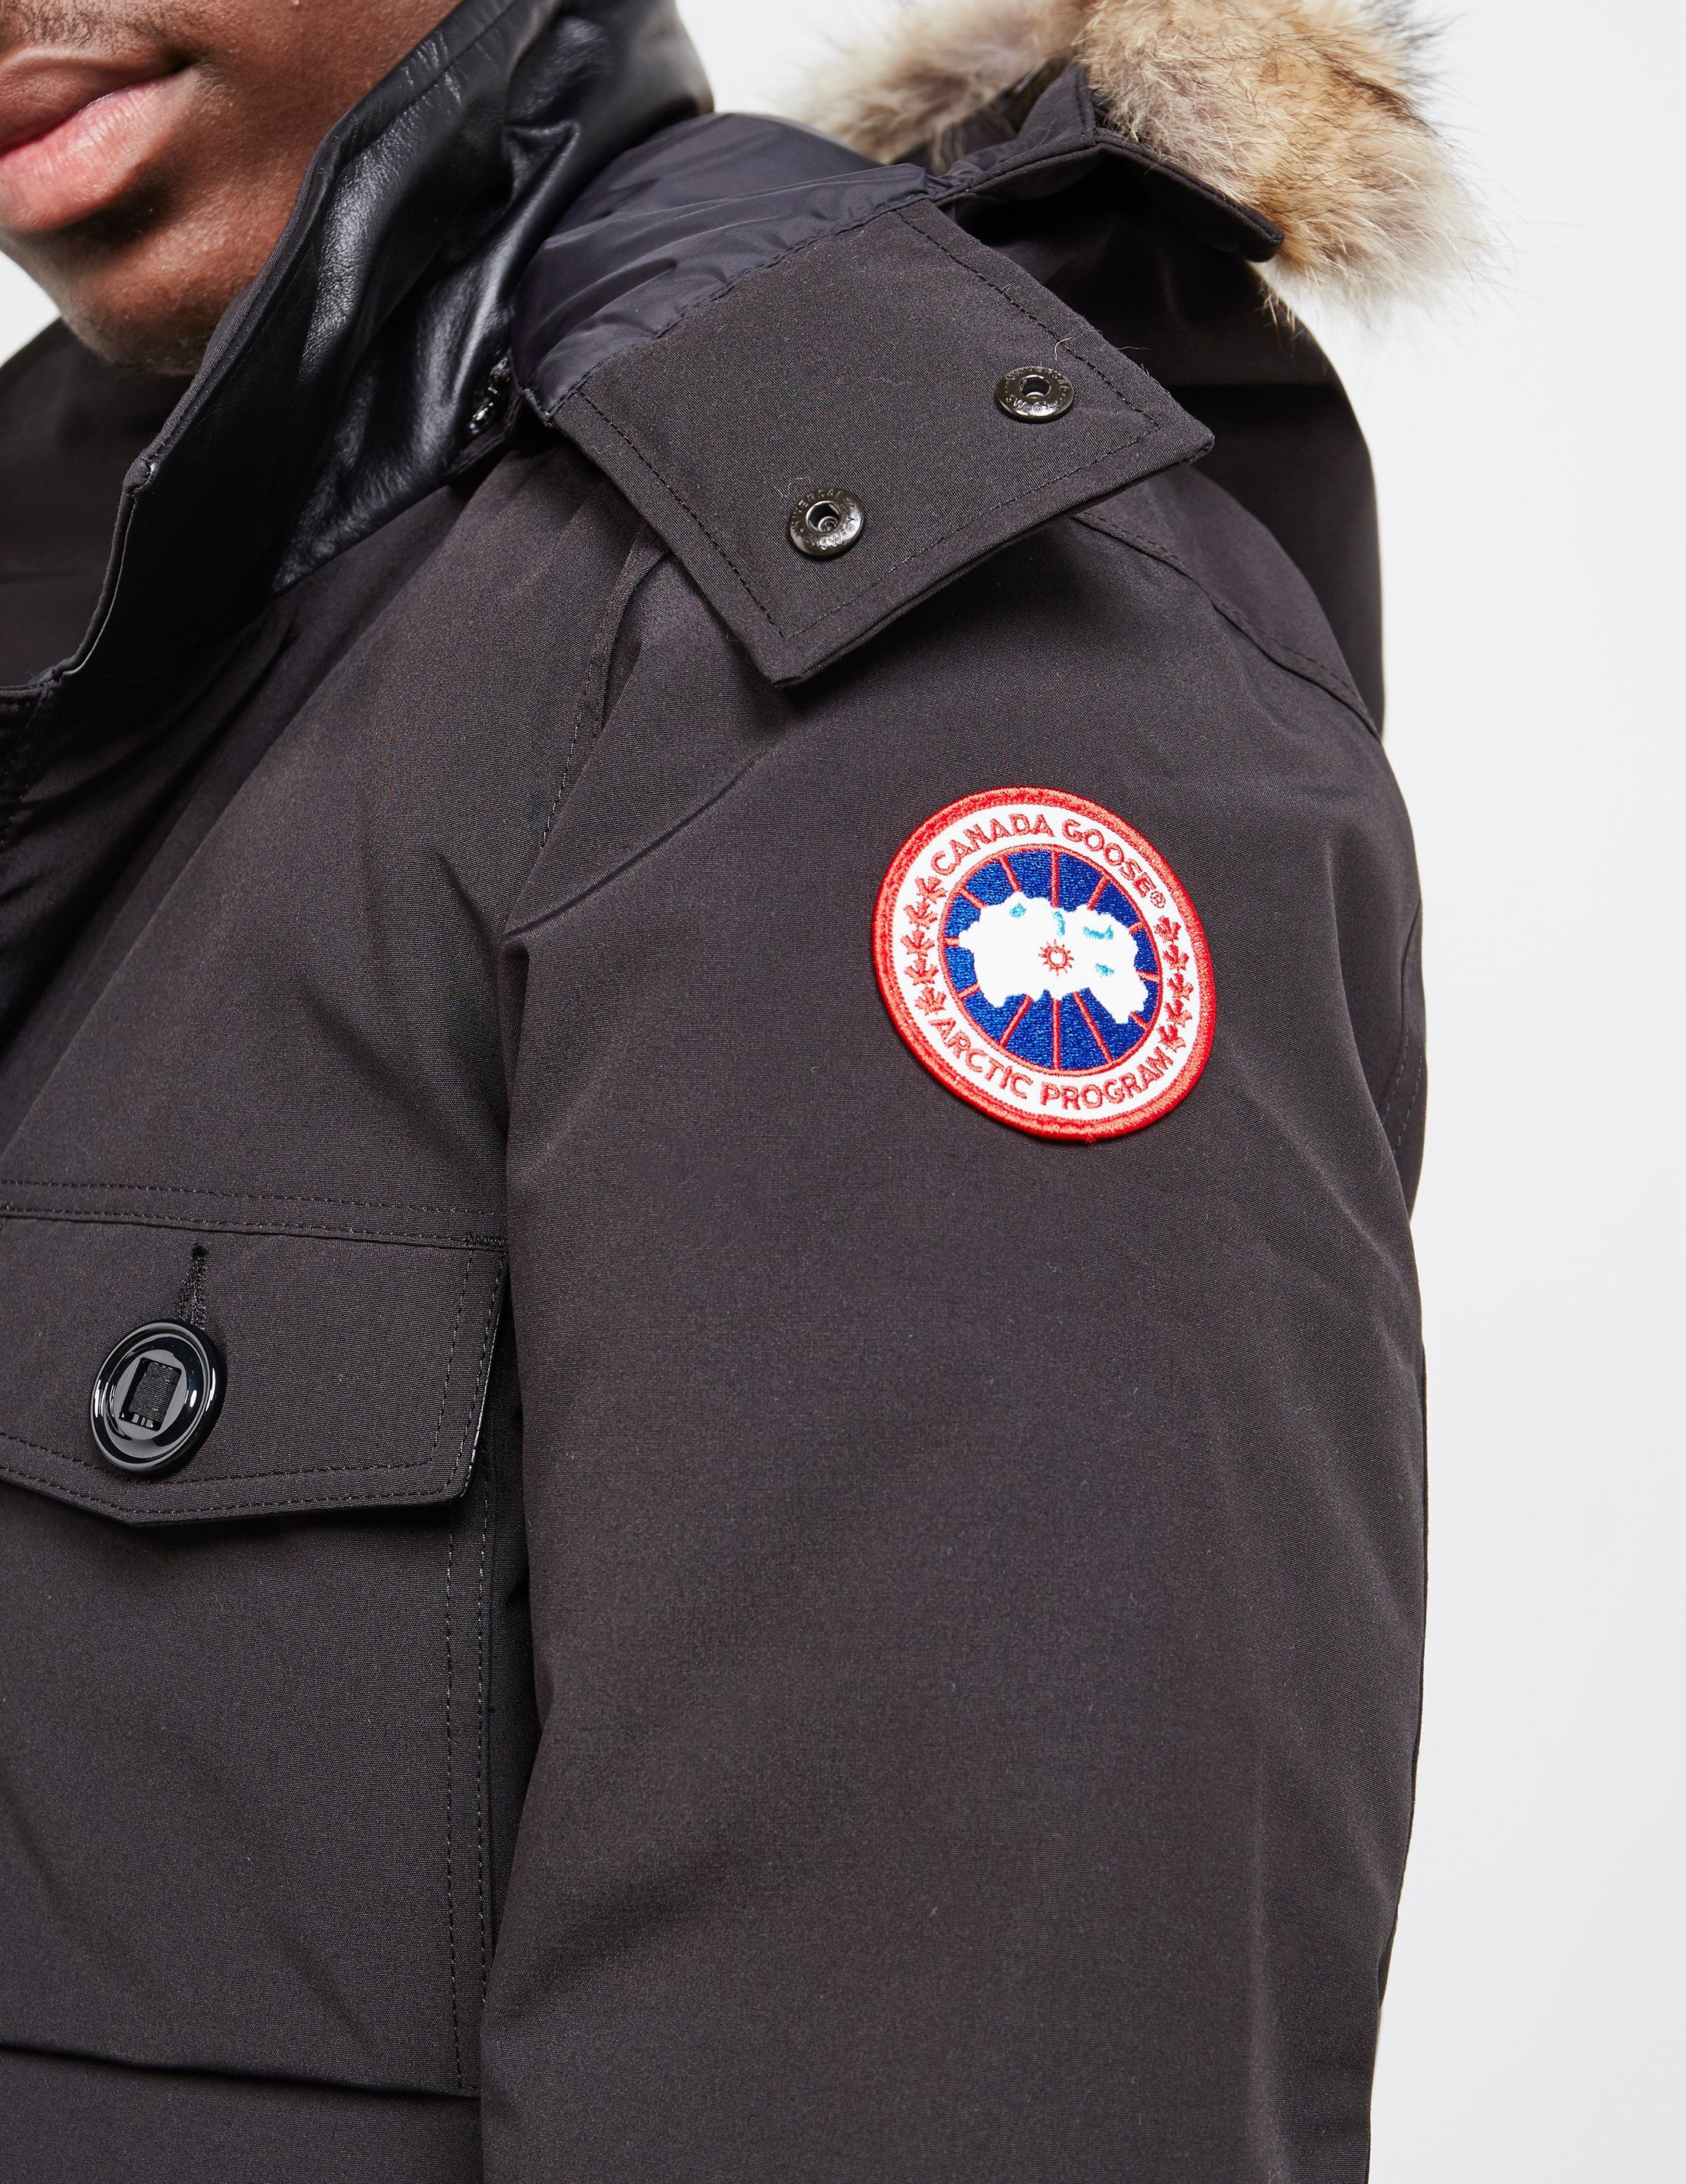 Canada Goose Banff Padded Parka Jacket